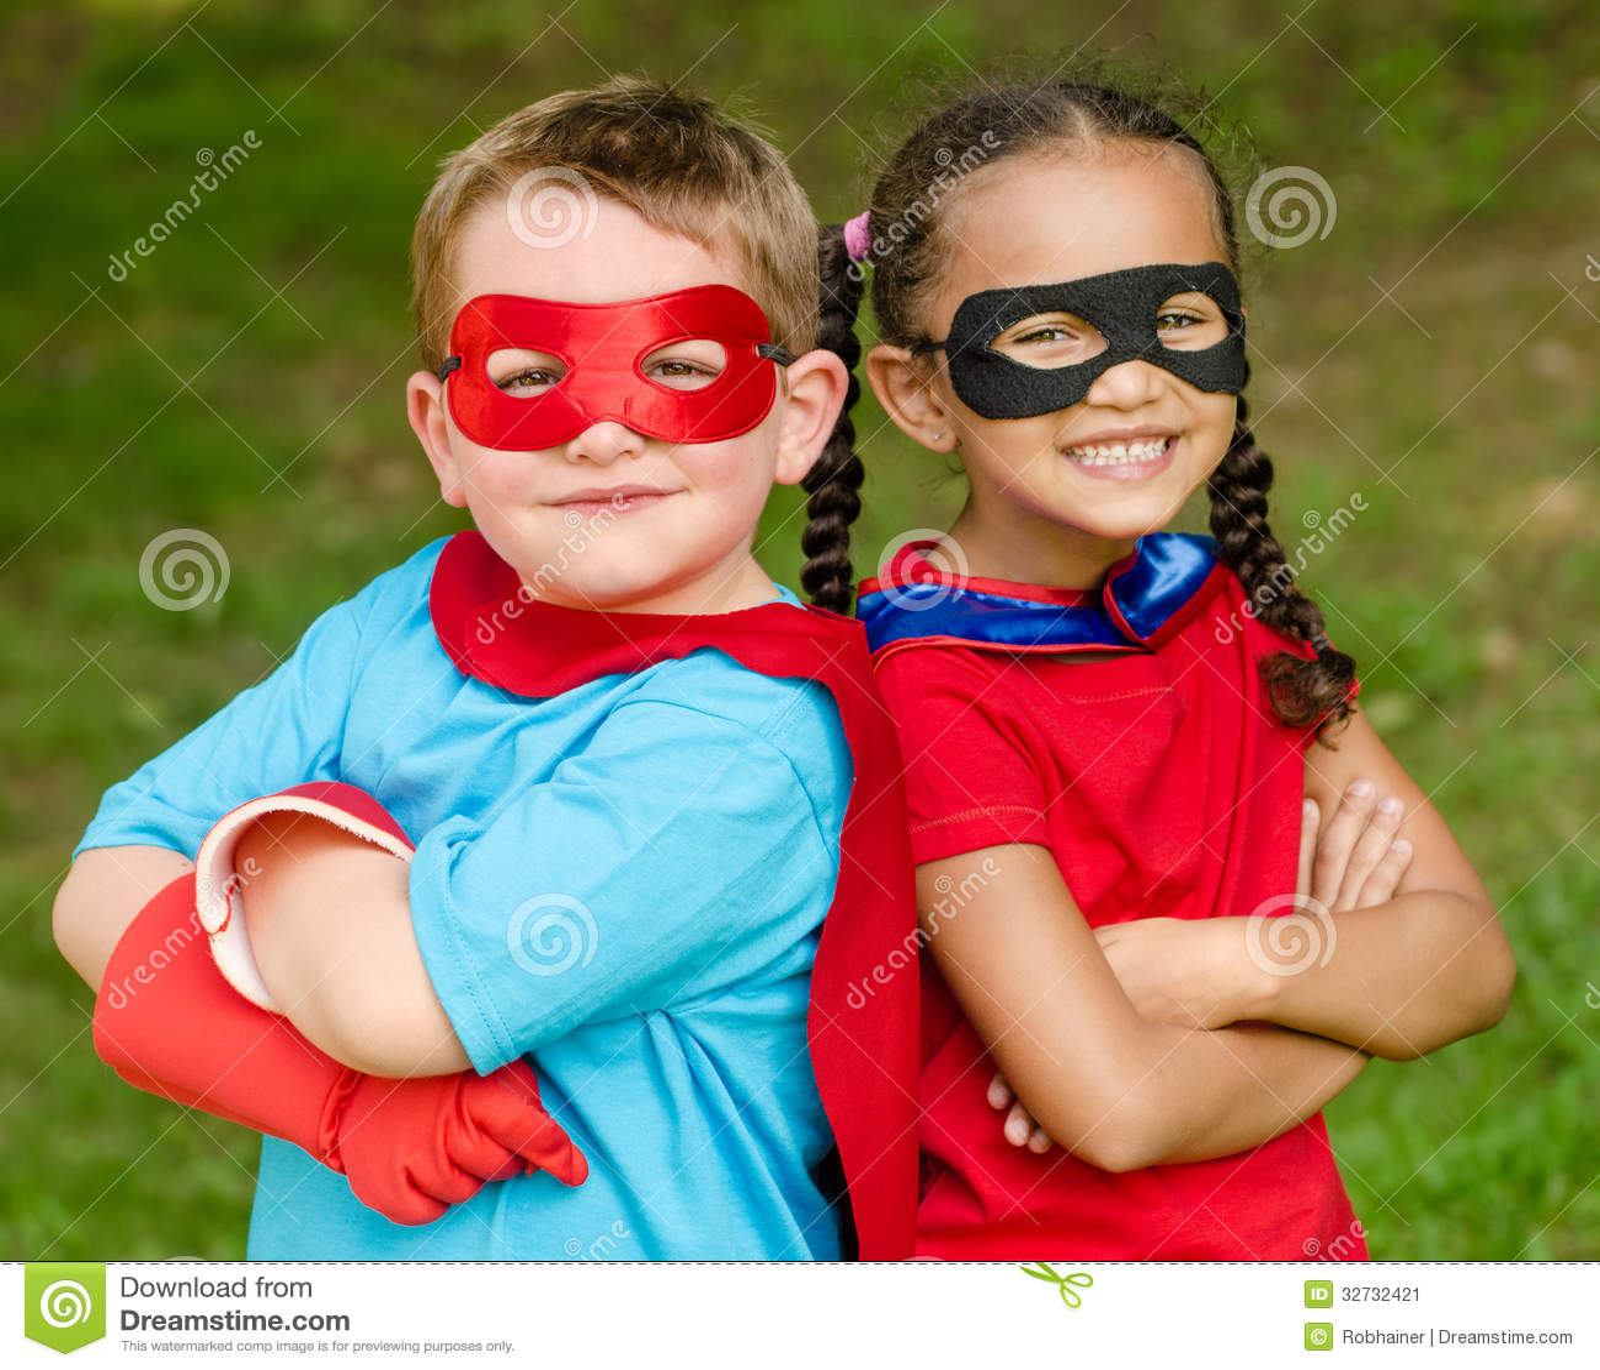 Jongen en meisje die beweren te zijn superheroes